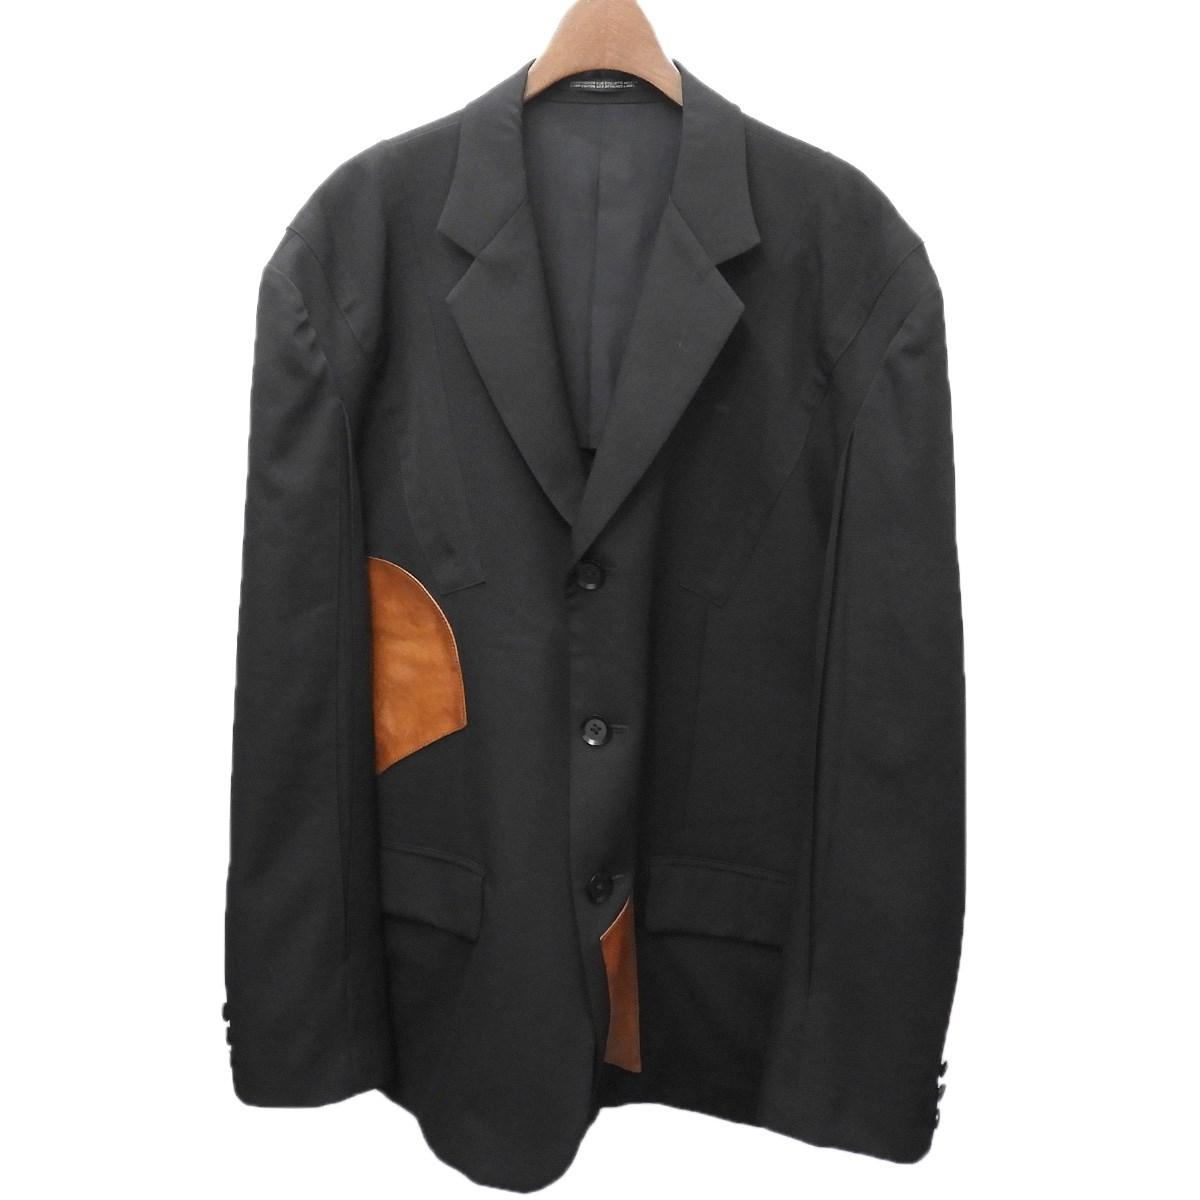 【中古】YOHJI YAMAMOTO pour homme 15SS レザーパッチテーラードジャケット ブラック サイズ:3 【100420】(ヨウジヤマモトプールオム)